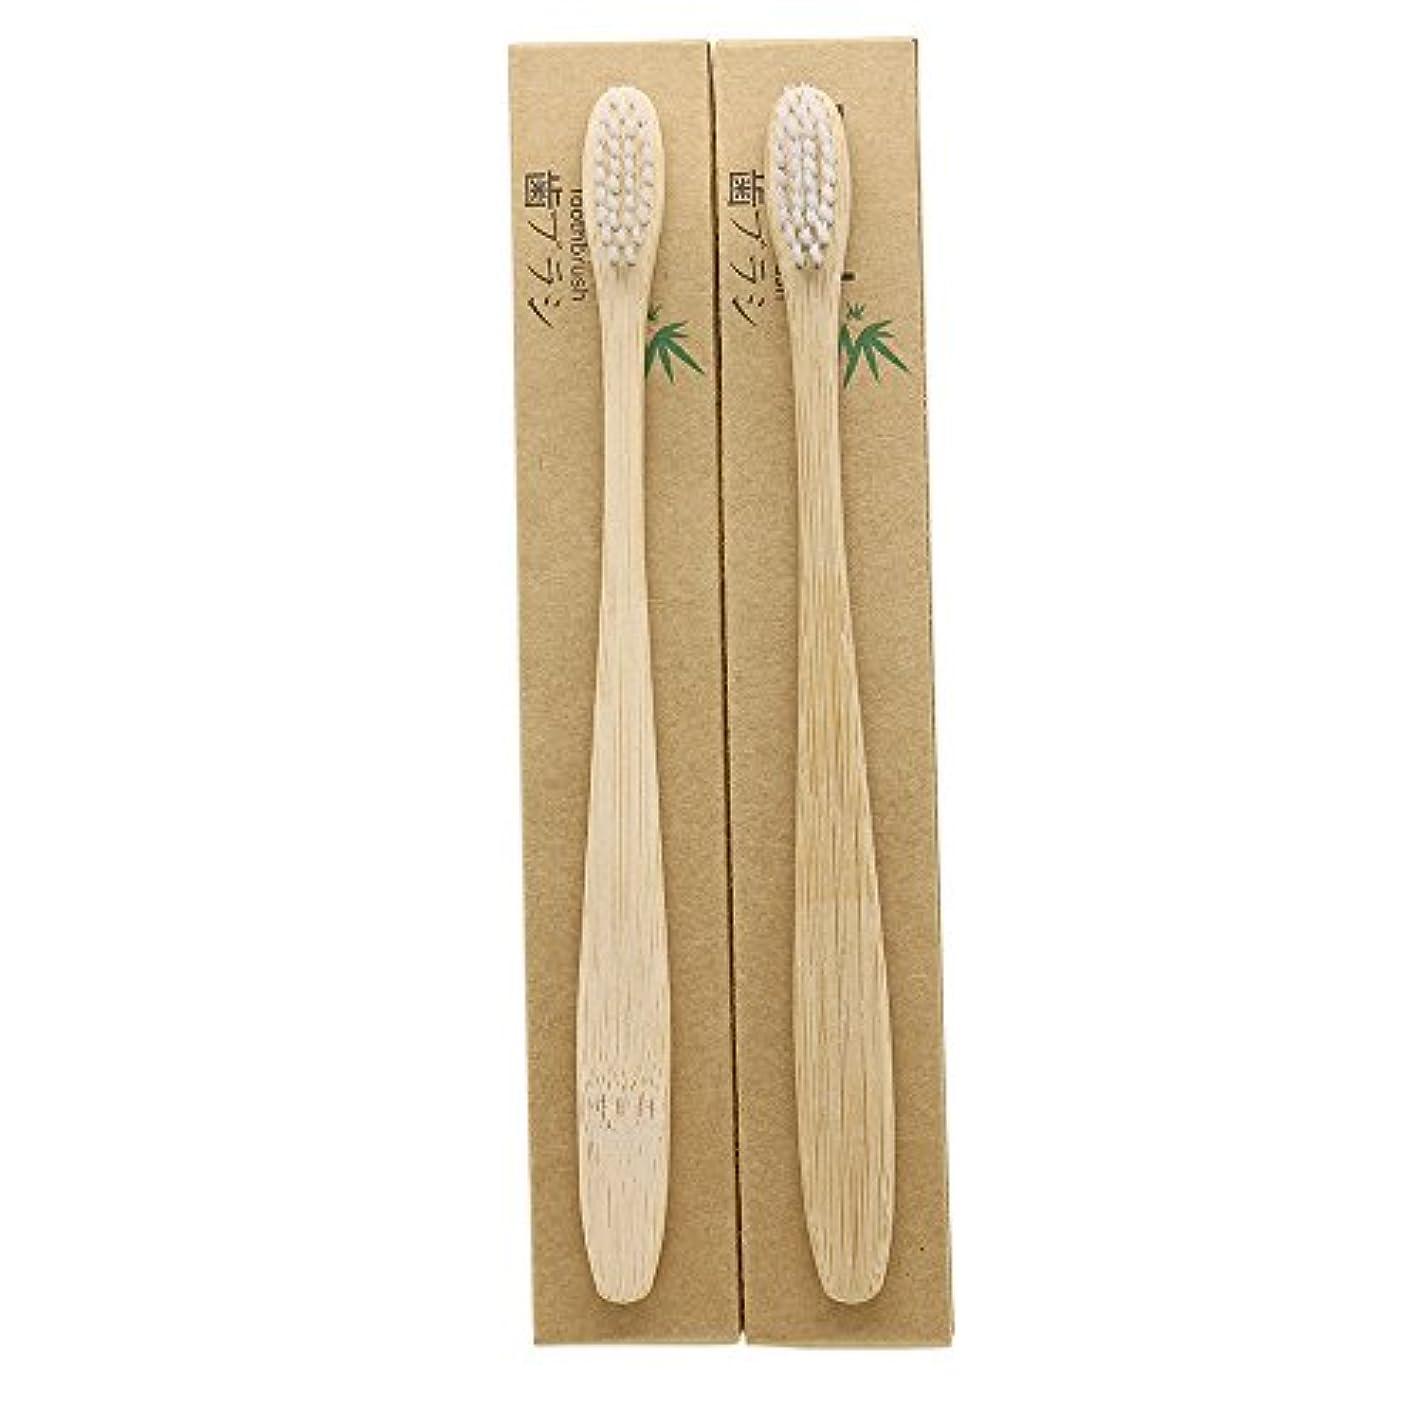 ラベルその結果専門N-amboo 竹製耐久度高い 歯ブラシ 2本入り セット エコ ヘッド小さい 白い